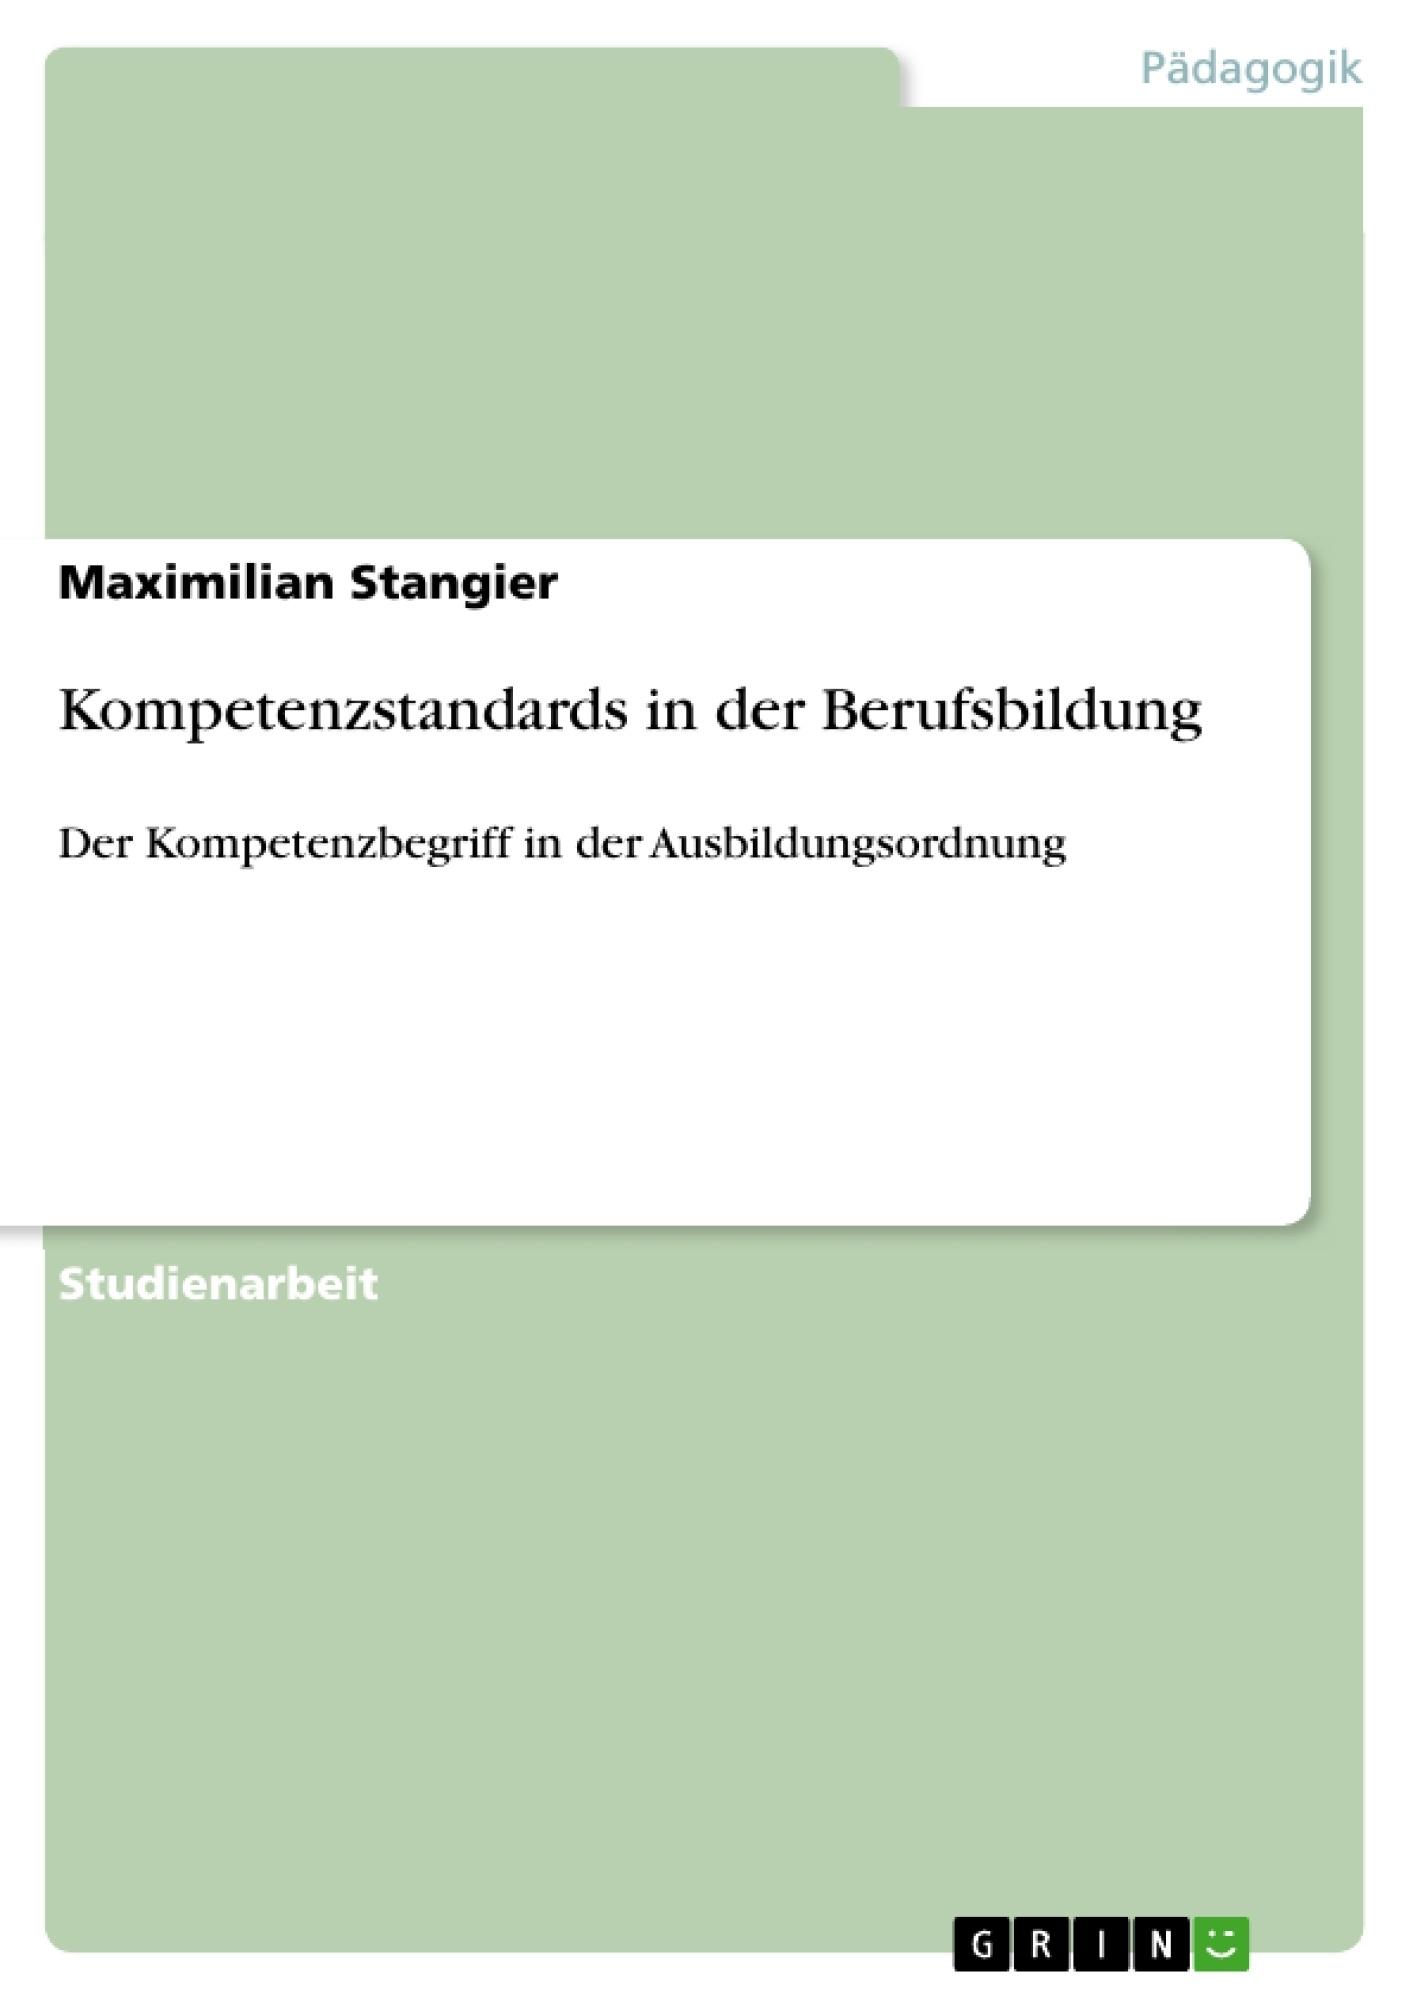 Titel: Kompetenzstandards in der Berufsbildung